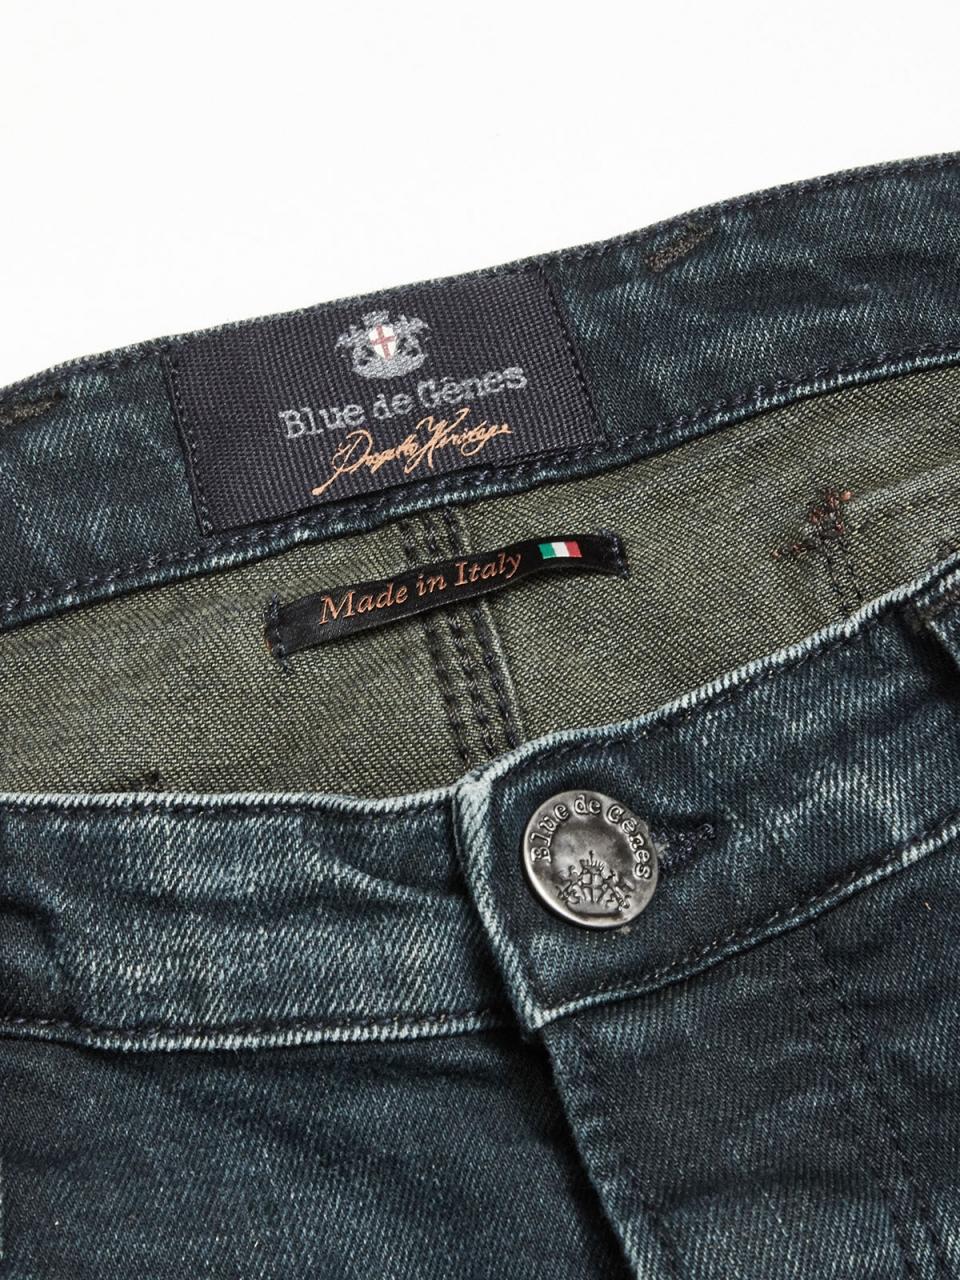 BLUE DE GENES Repi Reale New Jeans